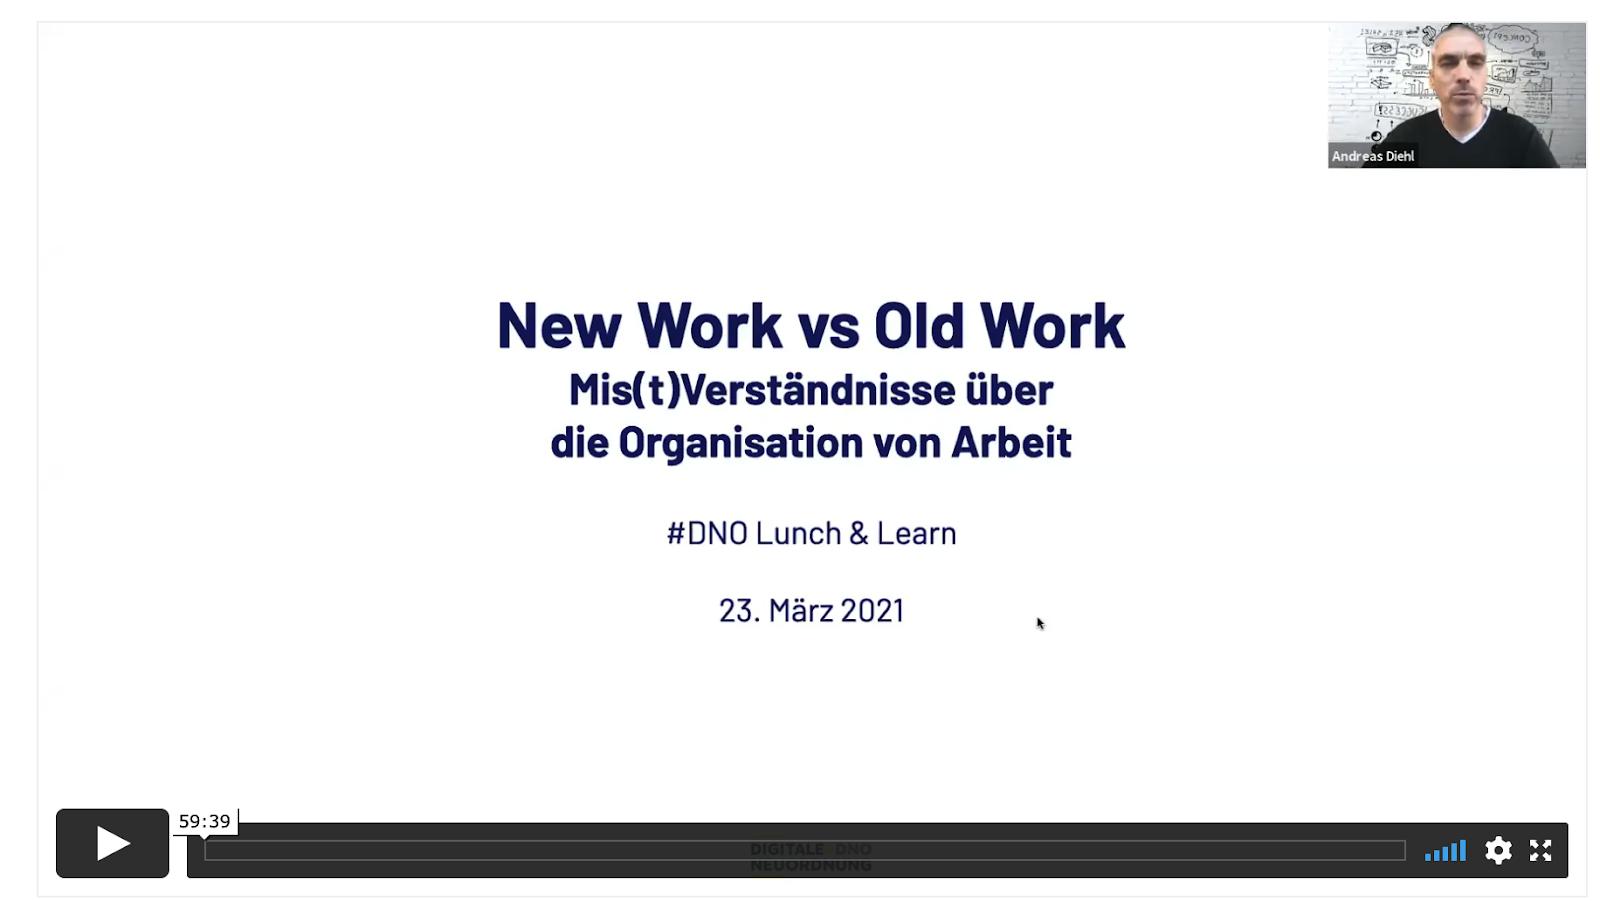 Aufzeichnung des #DNO Lunch & Learn über New Work und den Unsinn funktionaler Arbeitsteilung